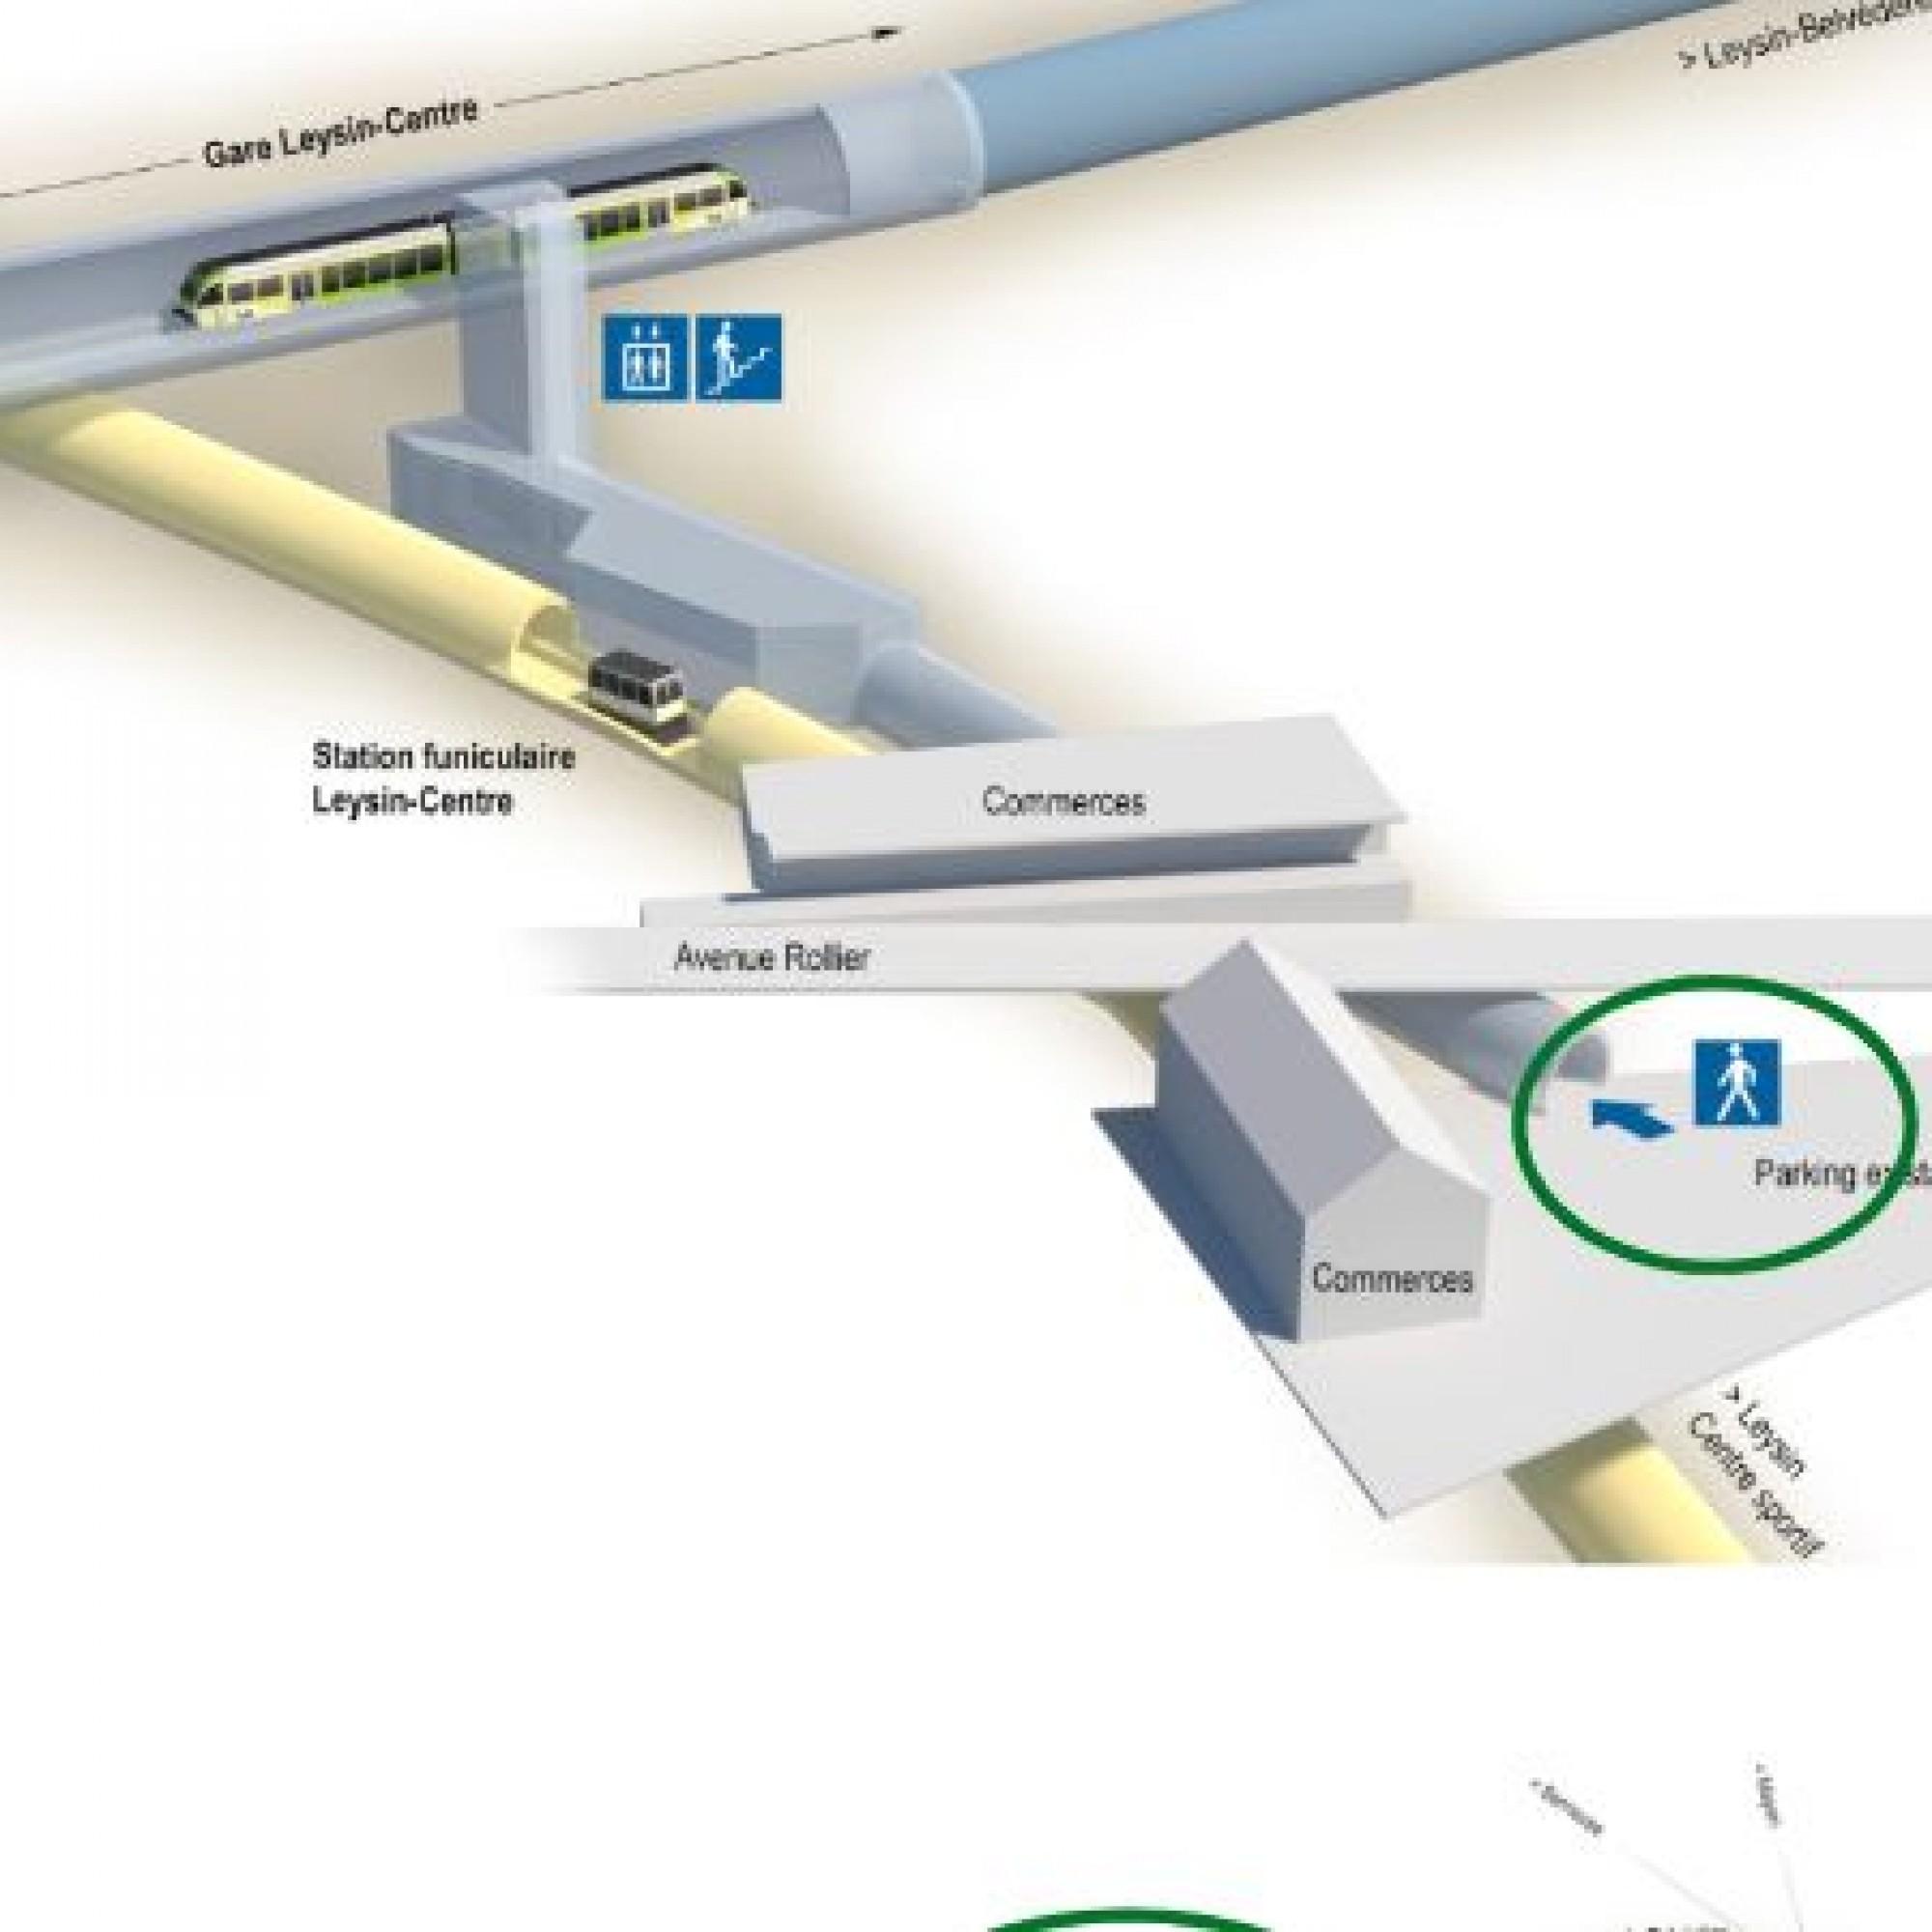 Jonction souterraine du train et du funiculaire, Leysin-Centre abritera aussi des commerces.